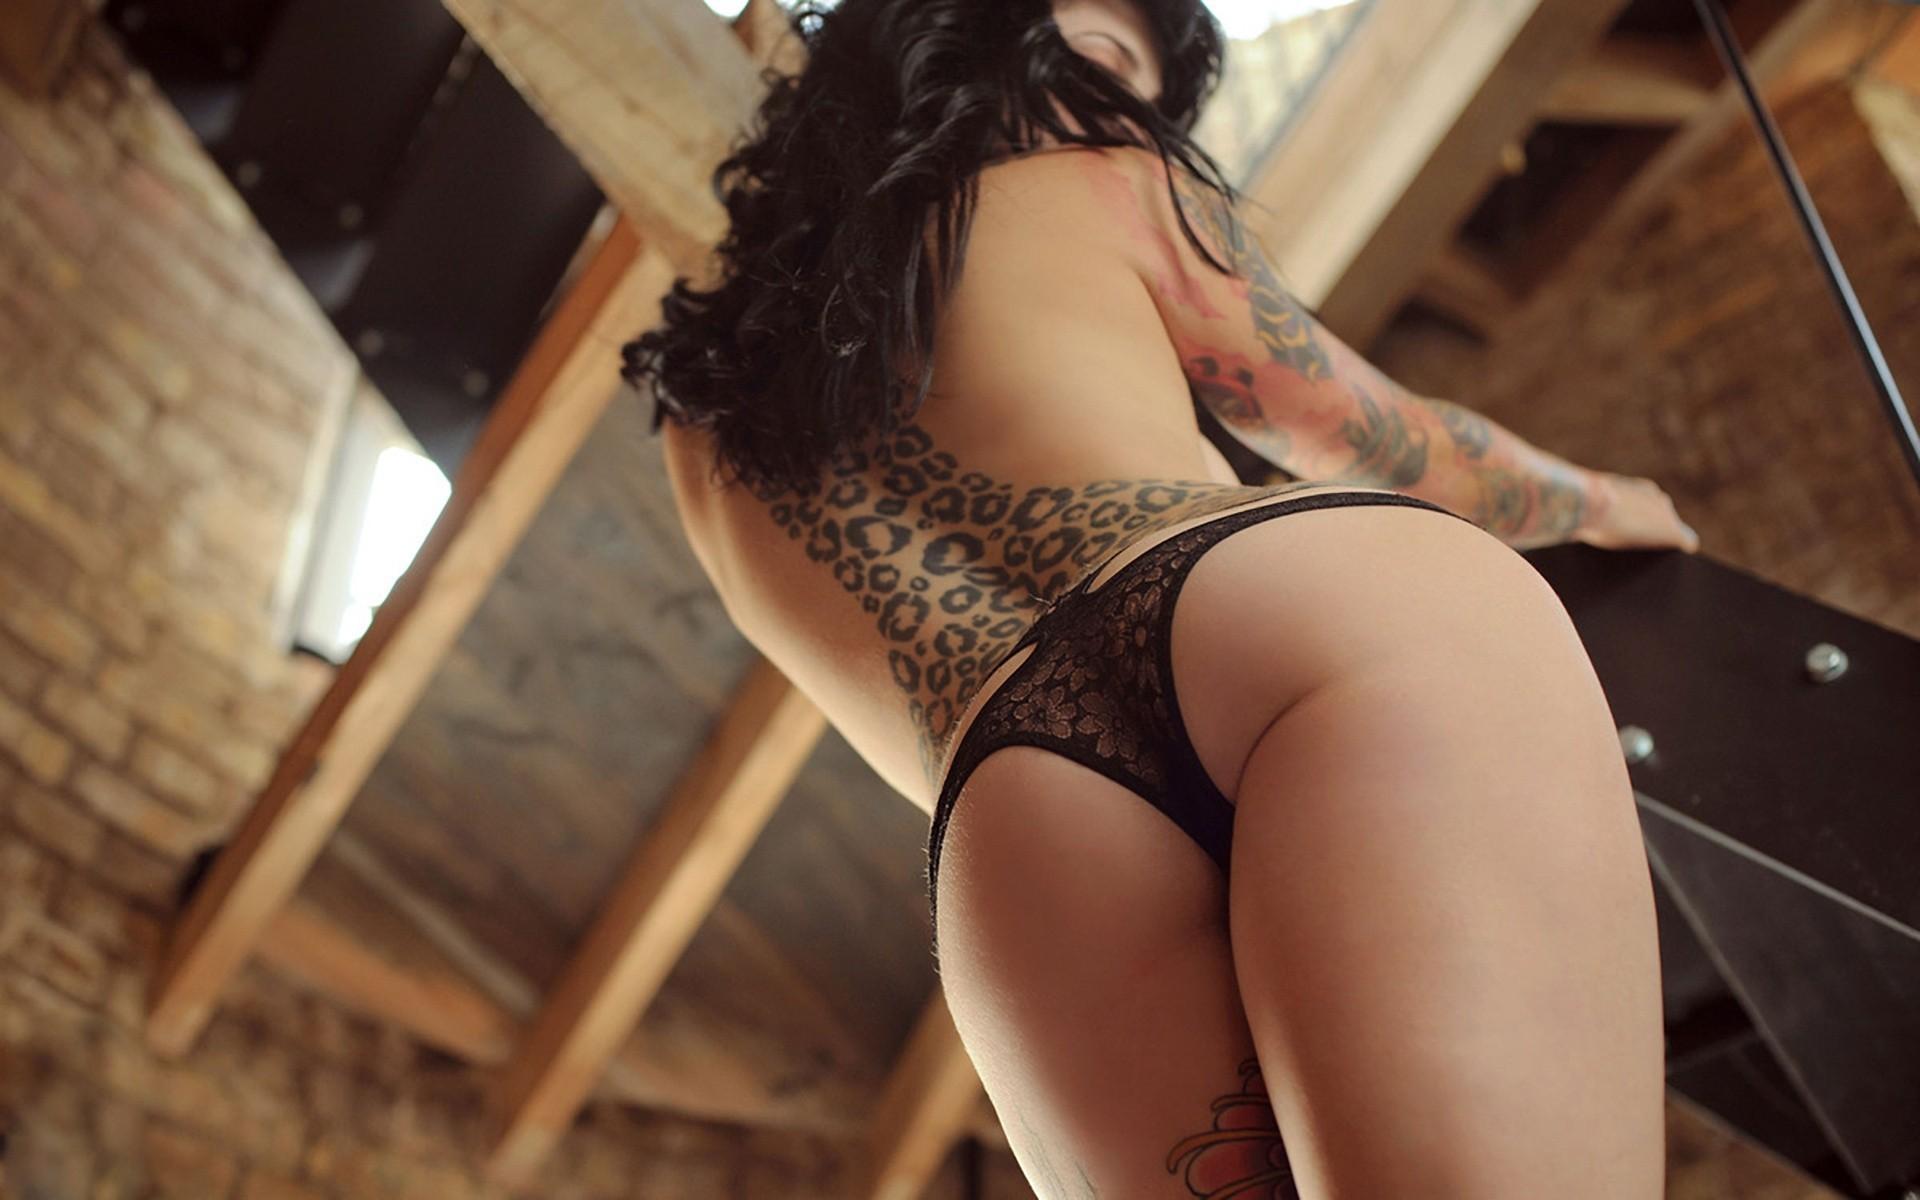 Sexy butt tattoos, thong beach nude